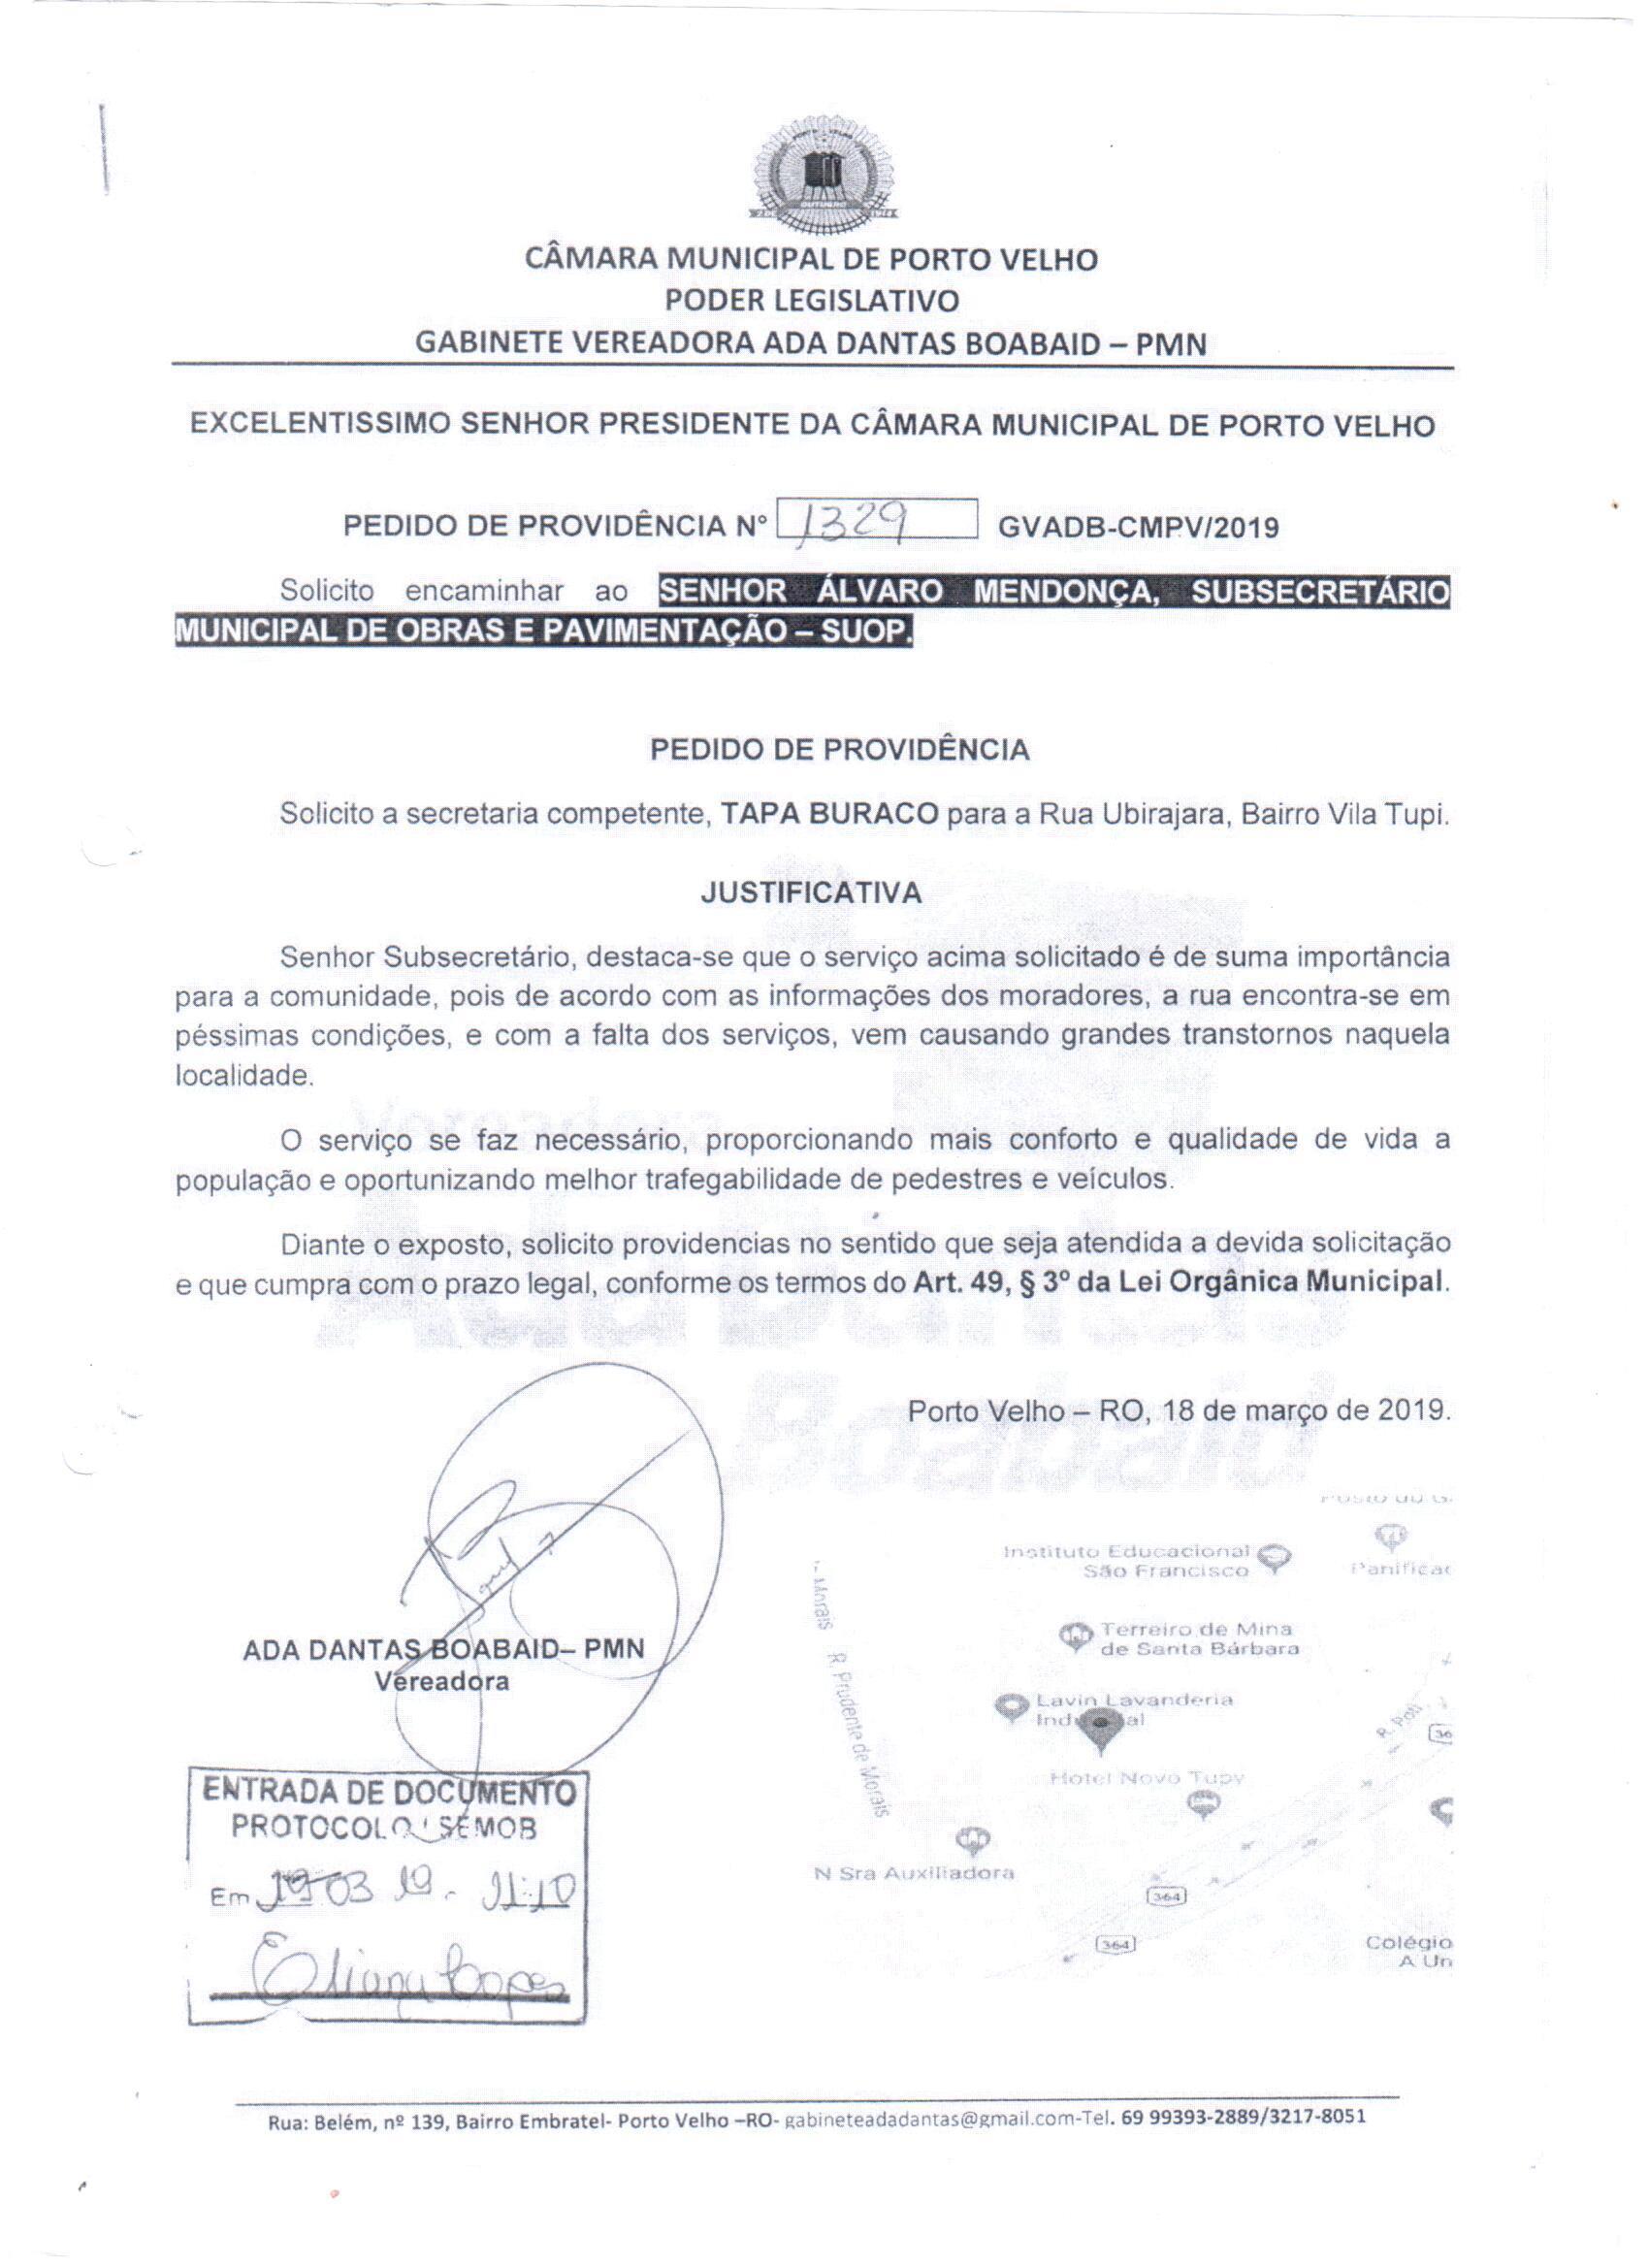 TAPA BURACOS – Tancredo Neves com Rua Paranaguá, Bairro Caladinho